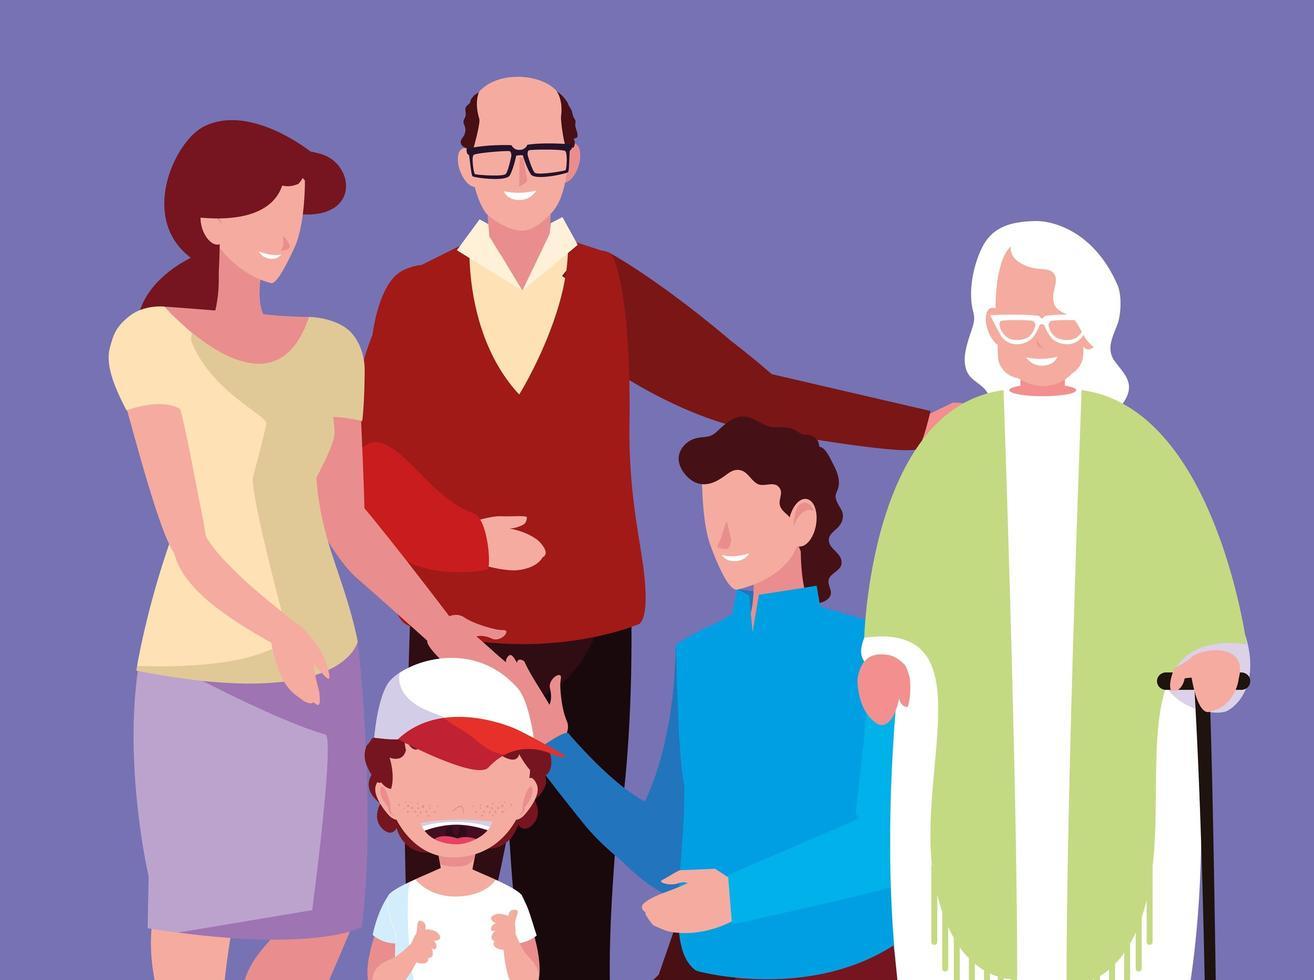 personnages de famille heureuse vecteur